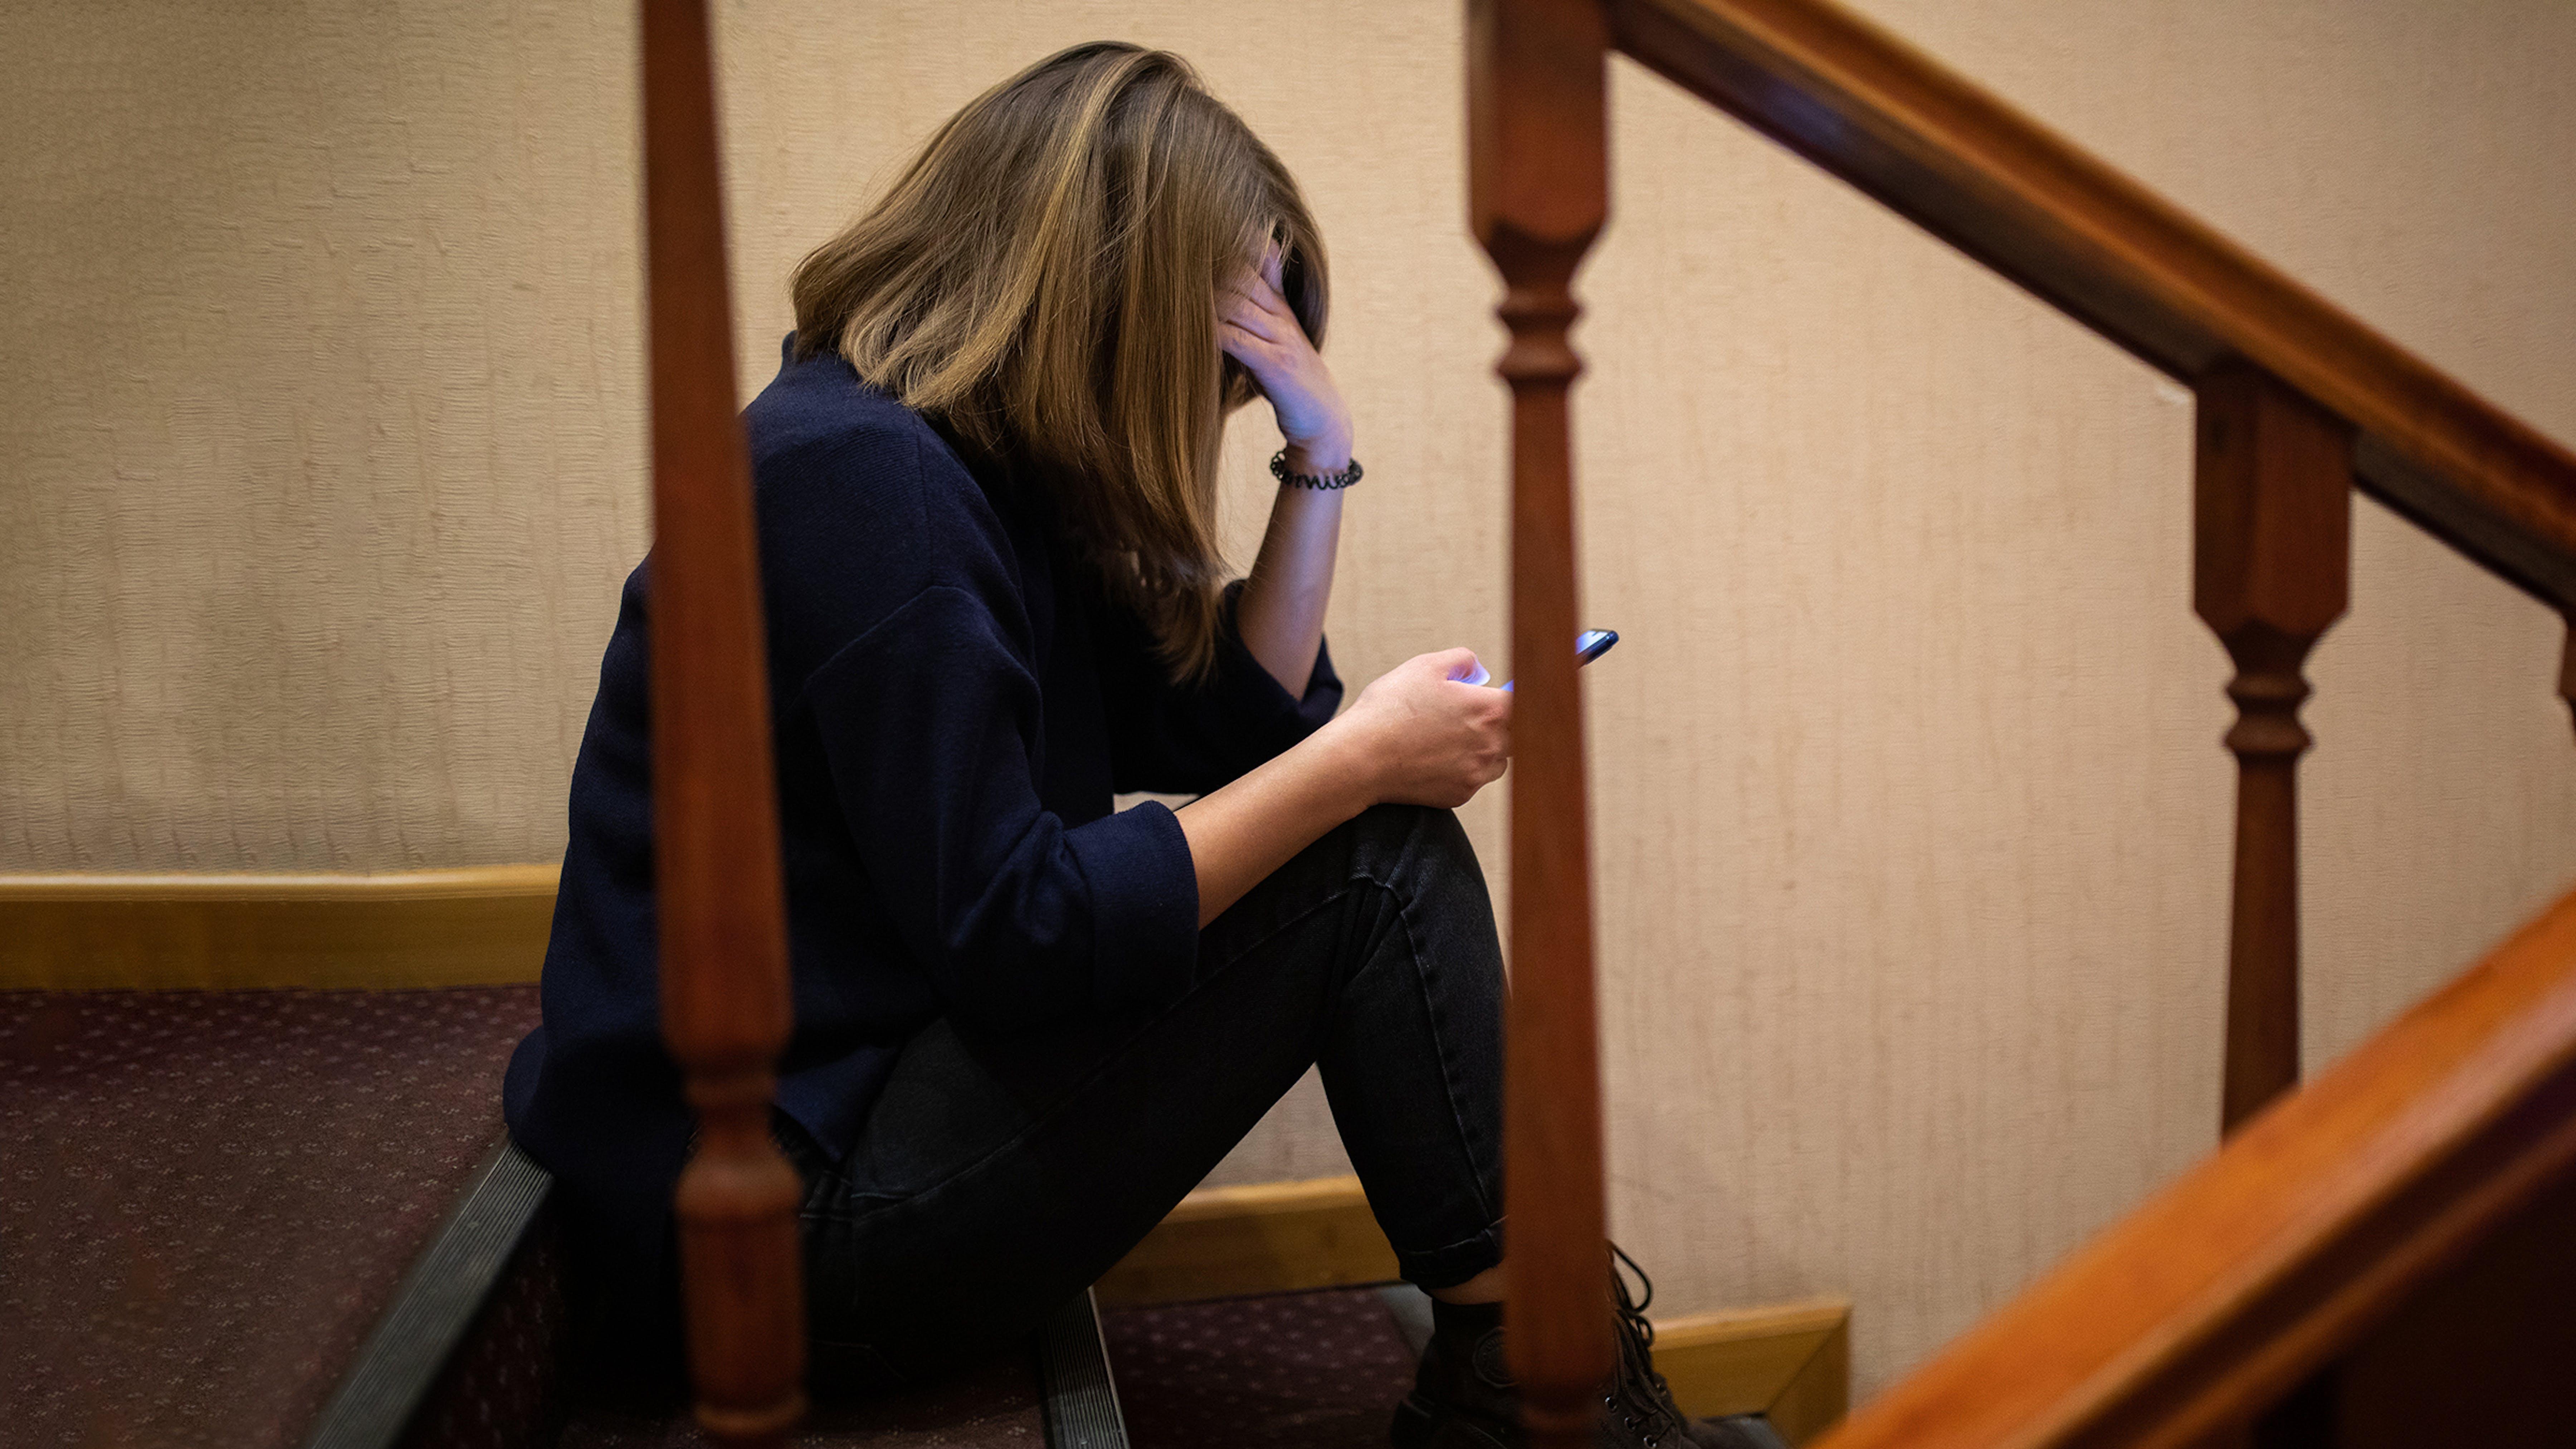 ucraina, violenza domestica, adolescenti